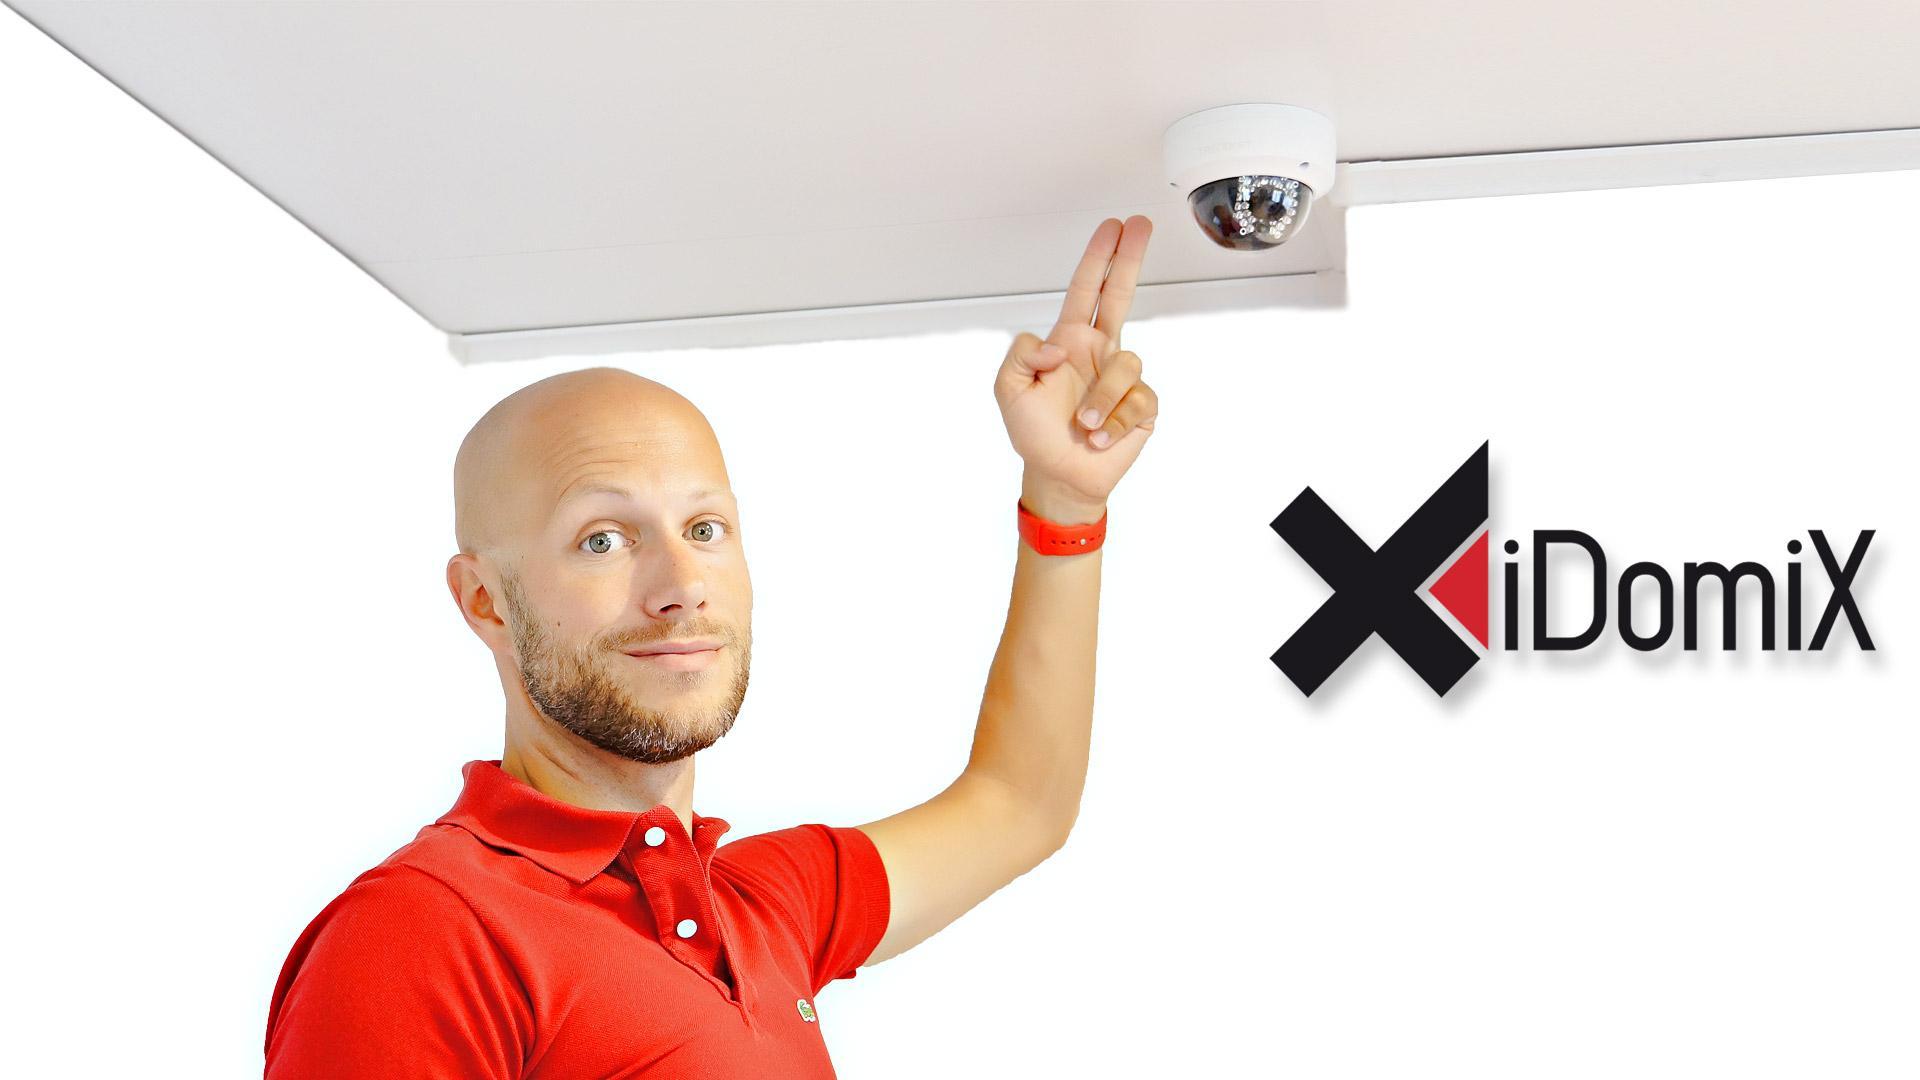 TRENDnet HikVision Kameras konfigurieren für die Surveillance Station